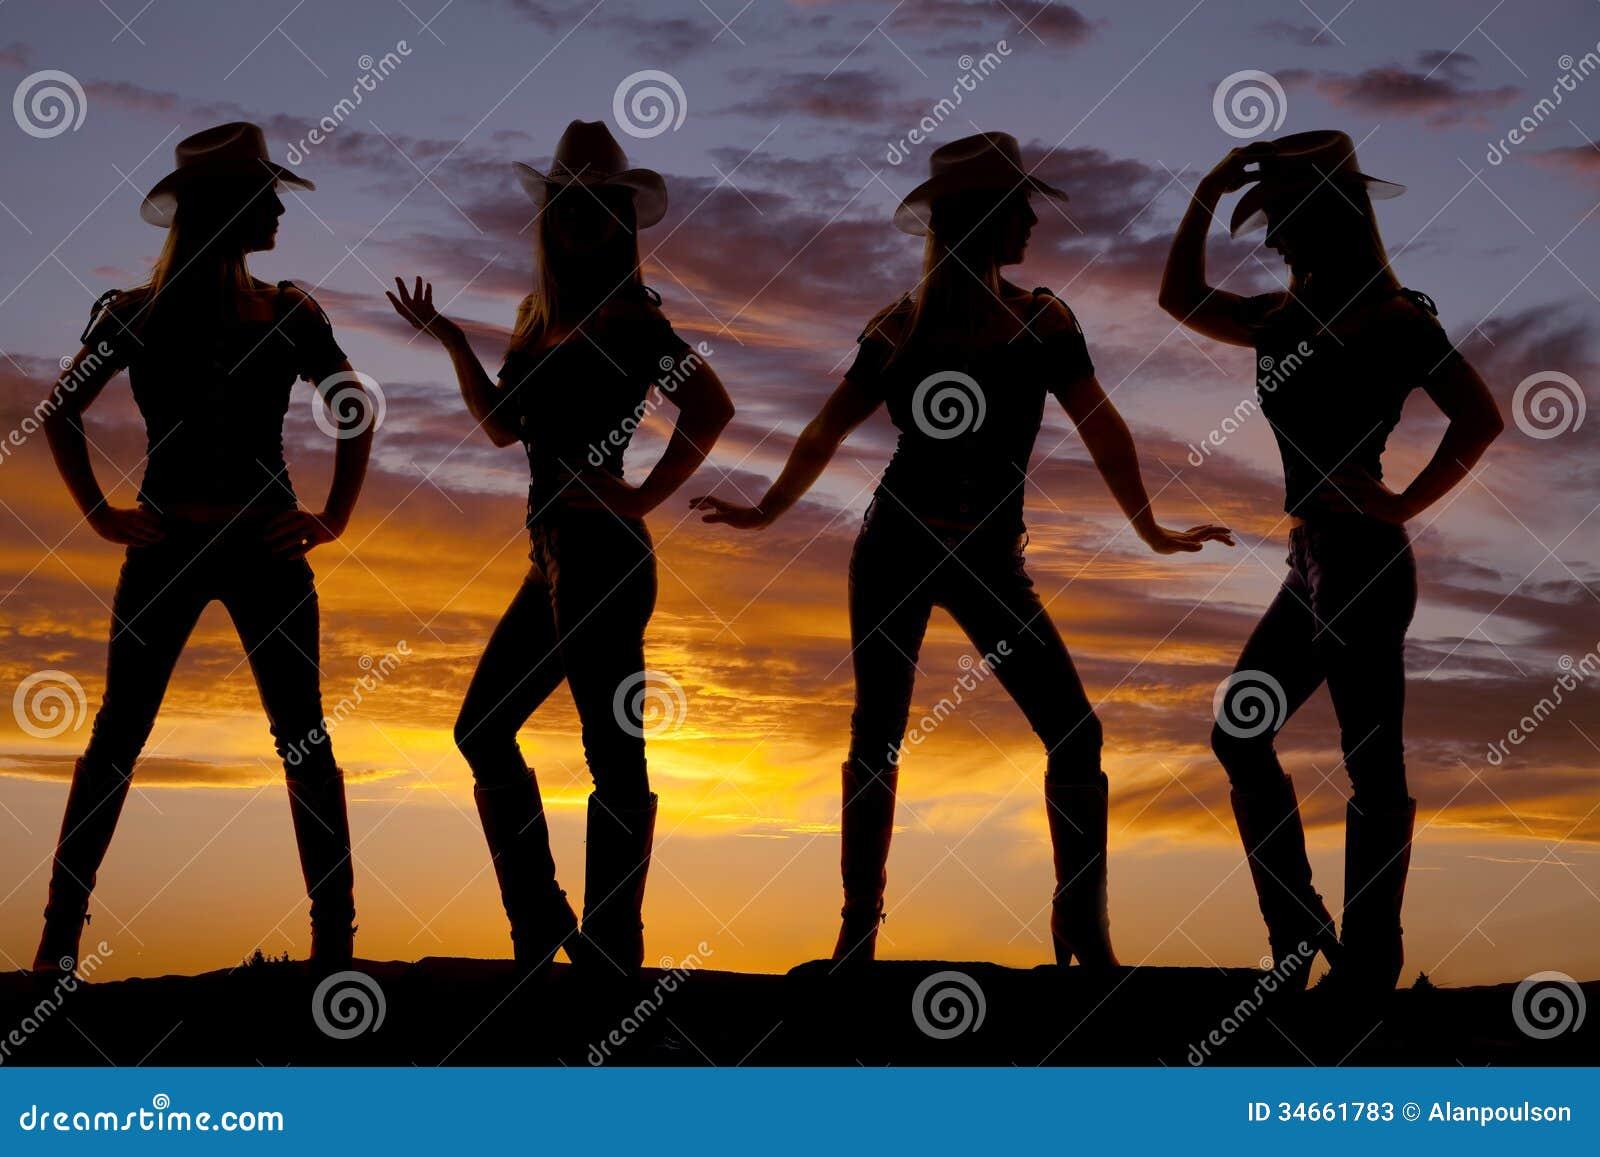 Silueta de las vaqueras imagen de archivo Imagen de jeans 34661783